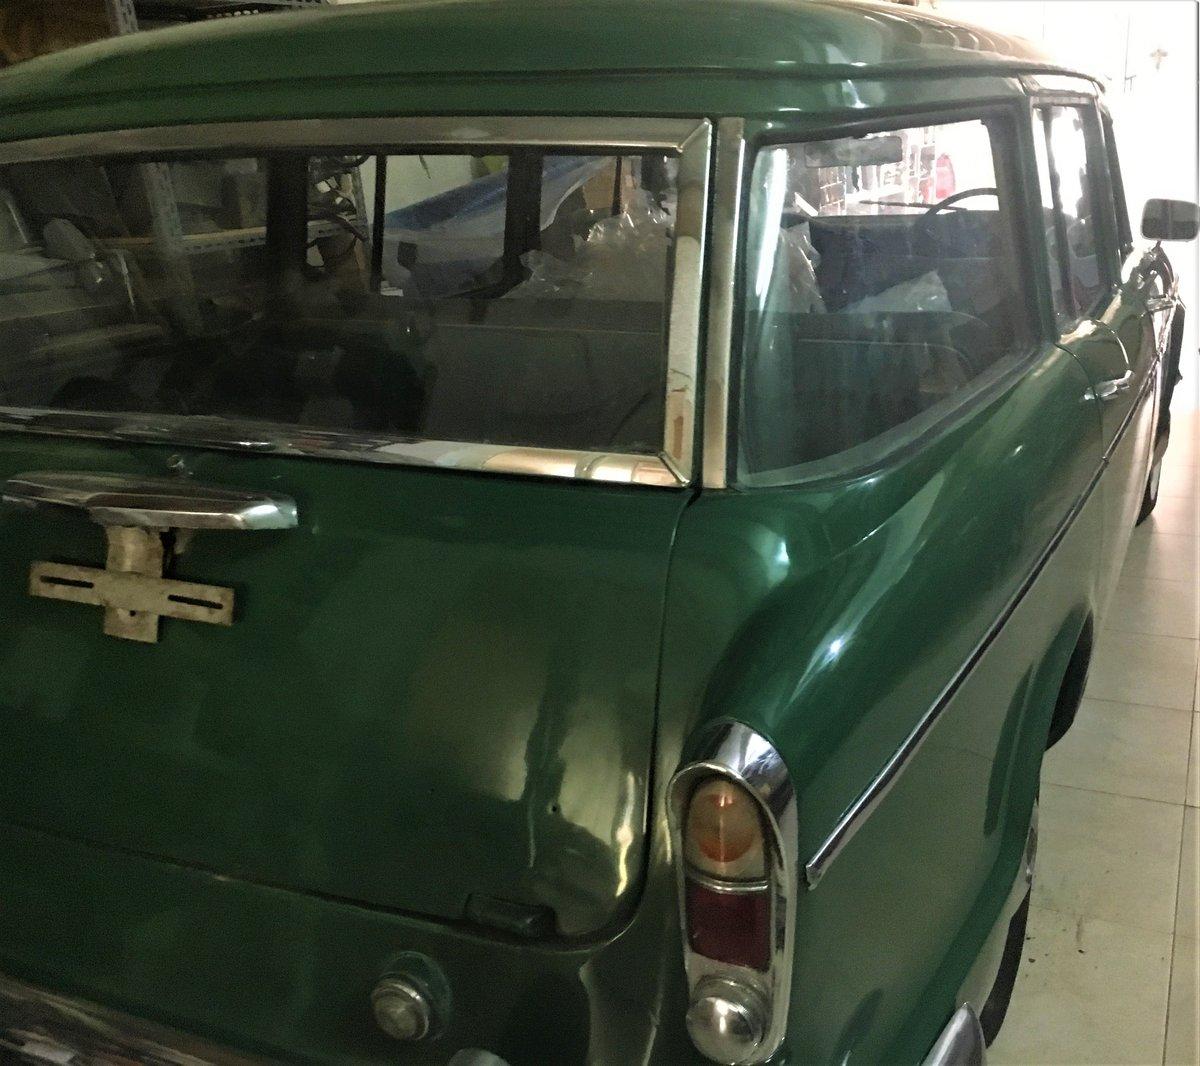 1959 hawk estate Rare original  For Sale (picture 3 of 3)